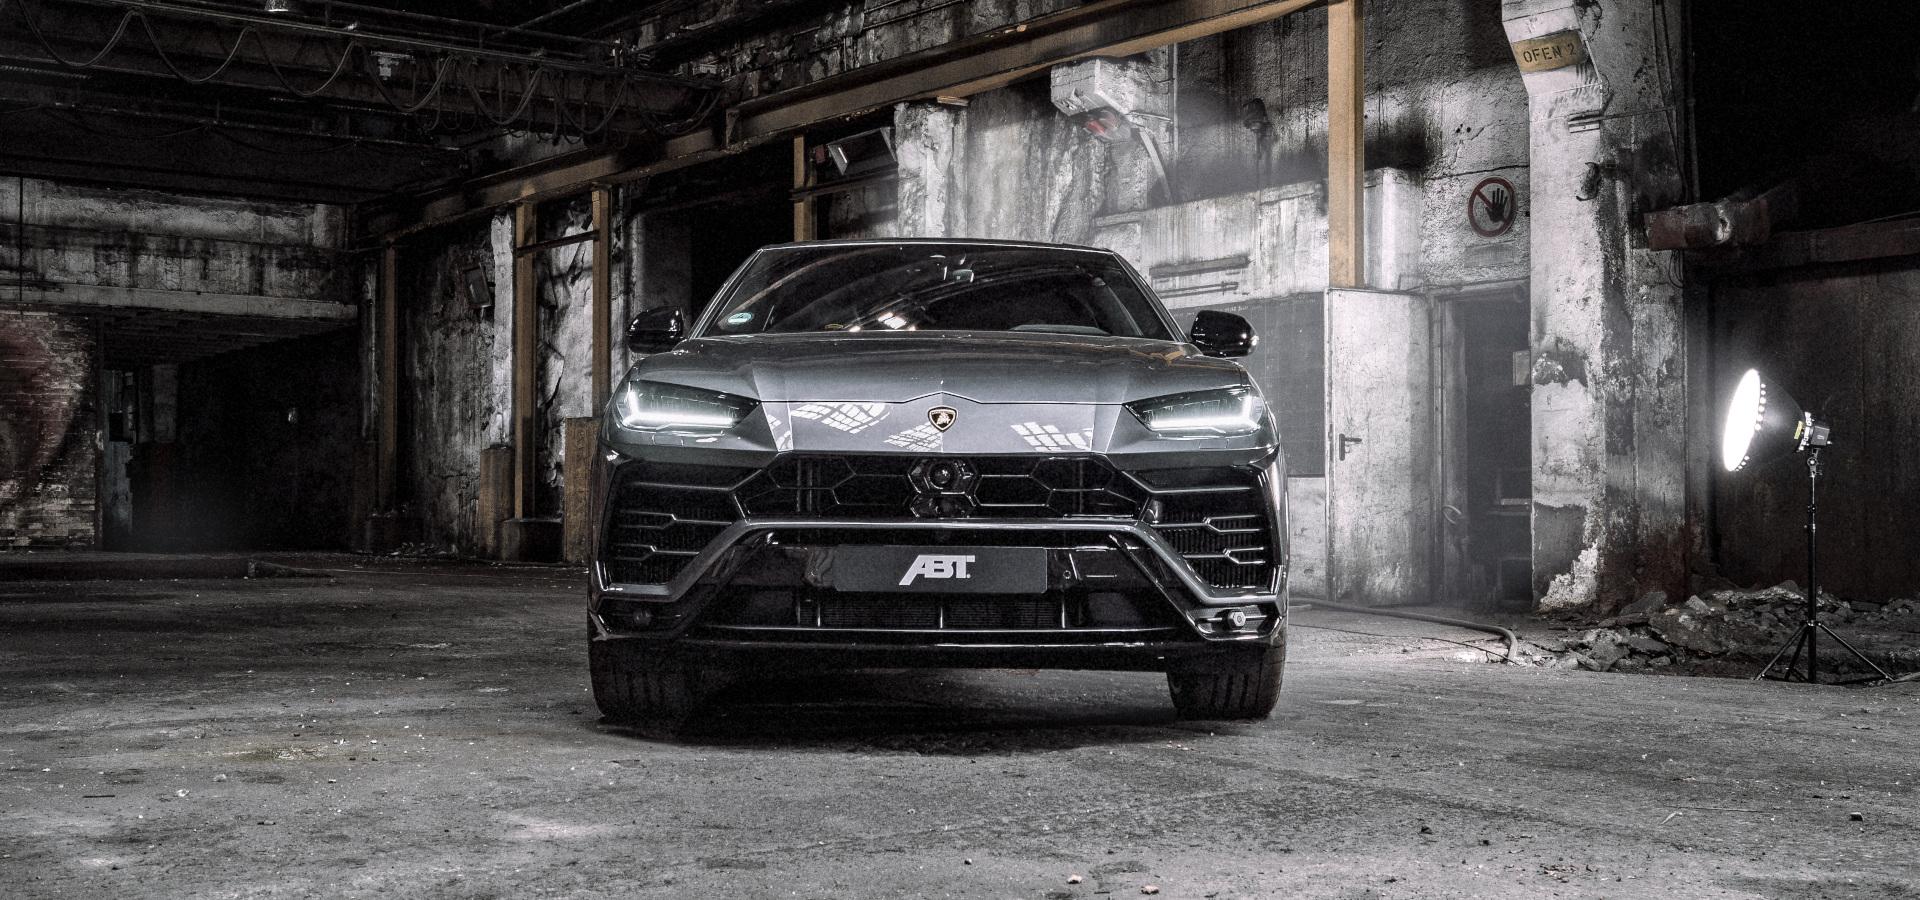 Lamborghini-Urus-by-ABT-1